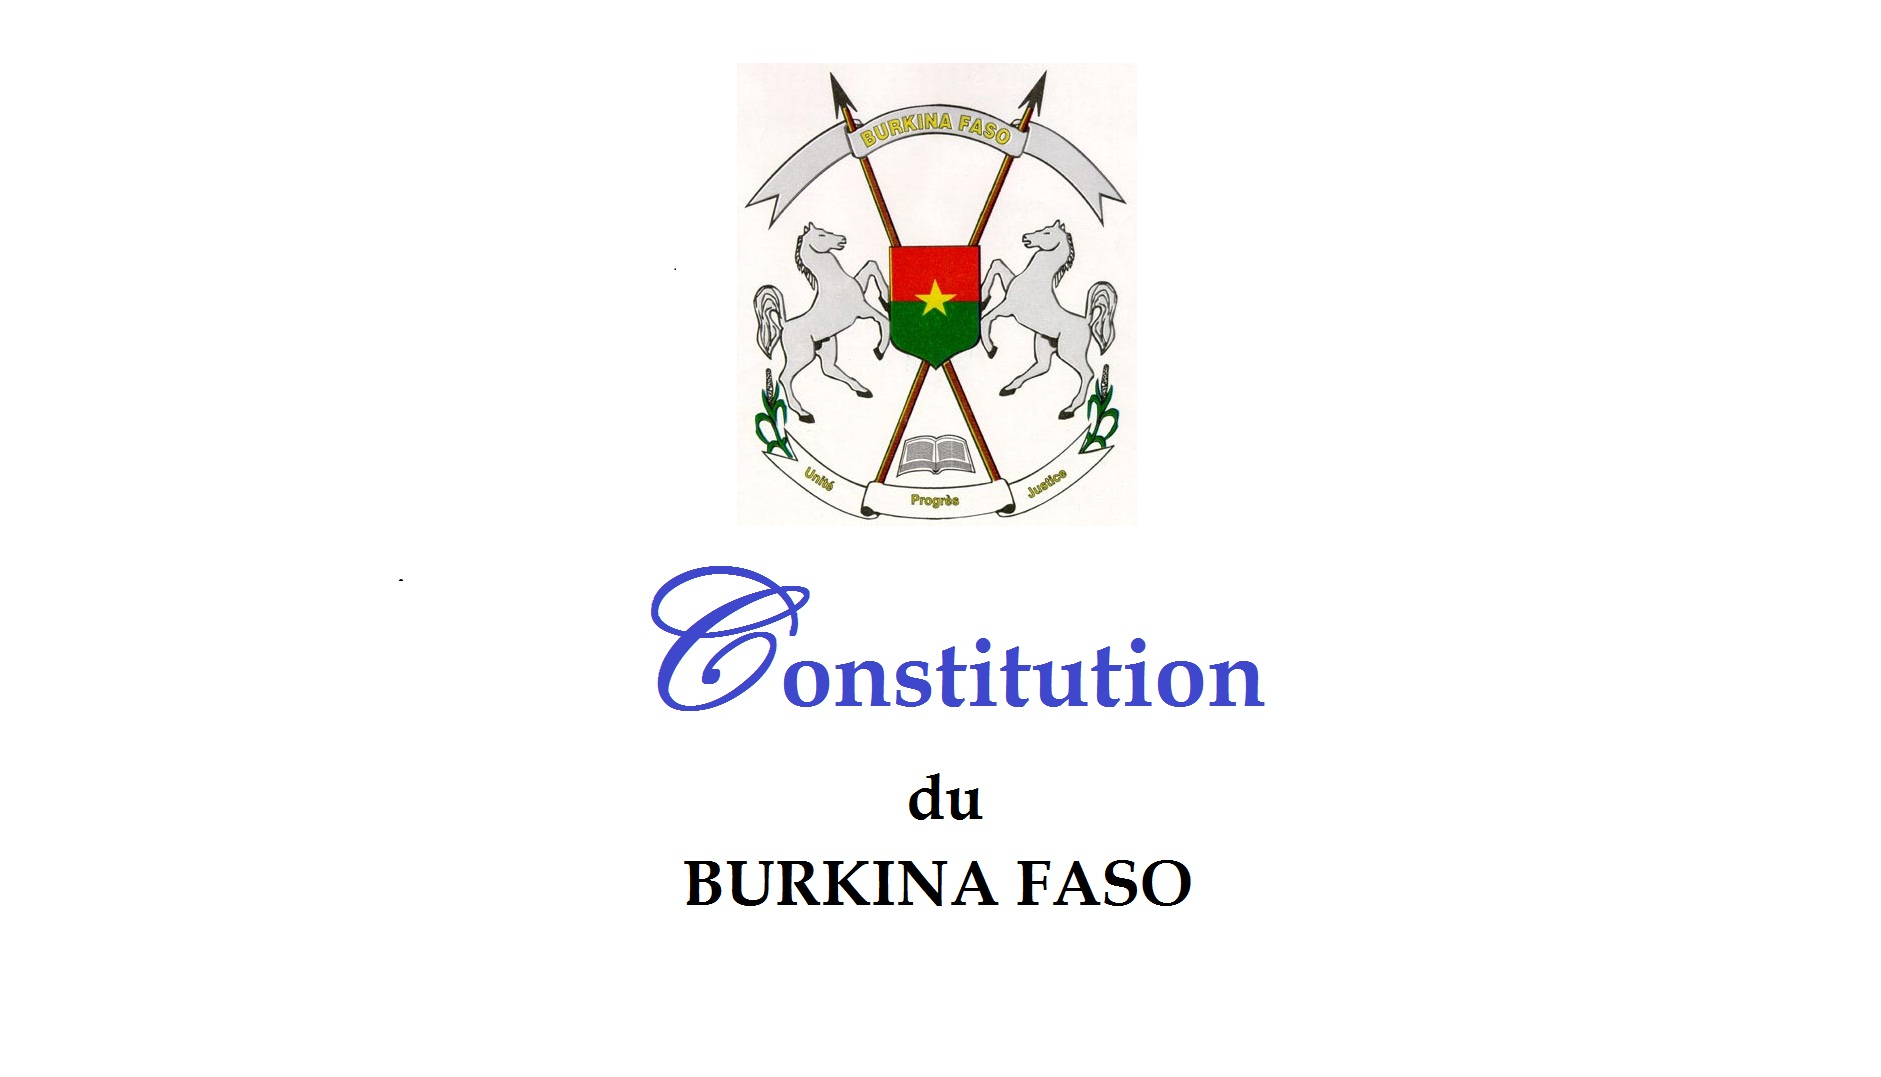 POLEMIQUE AUTOUR DE LA NOUVELLE CONSTITUTION AU BURKINA : Seuls doivent primer les intérêts du peuple